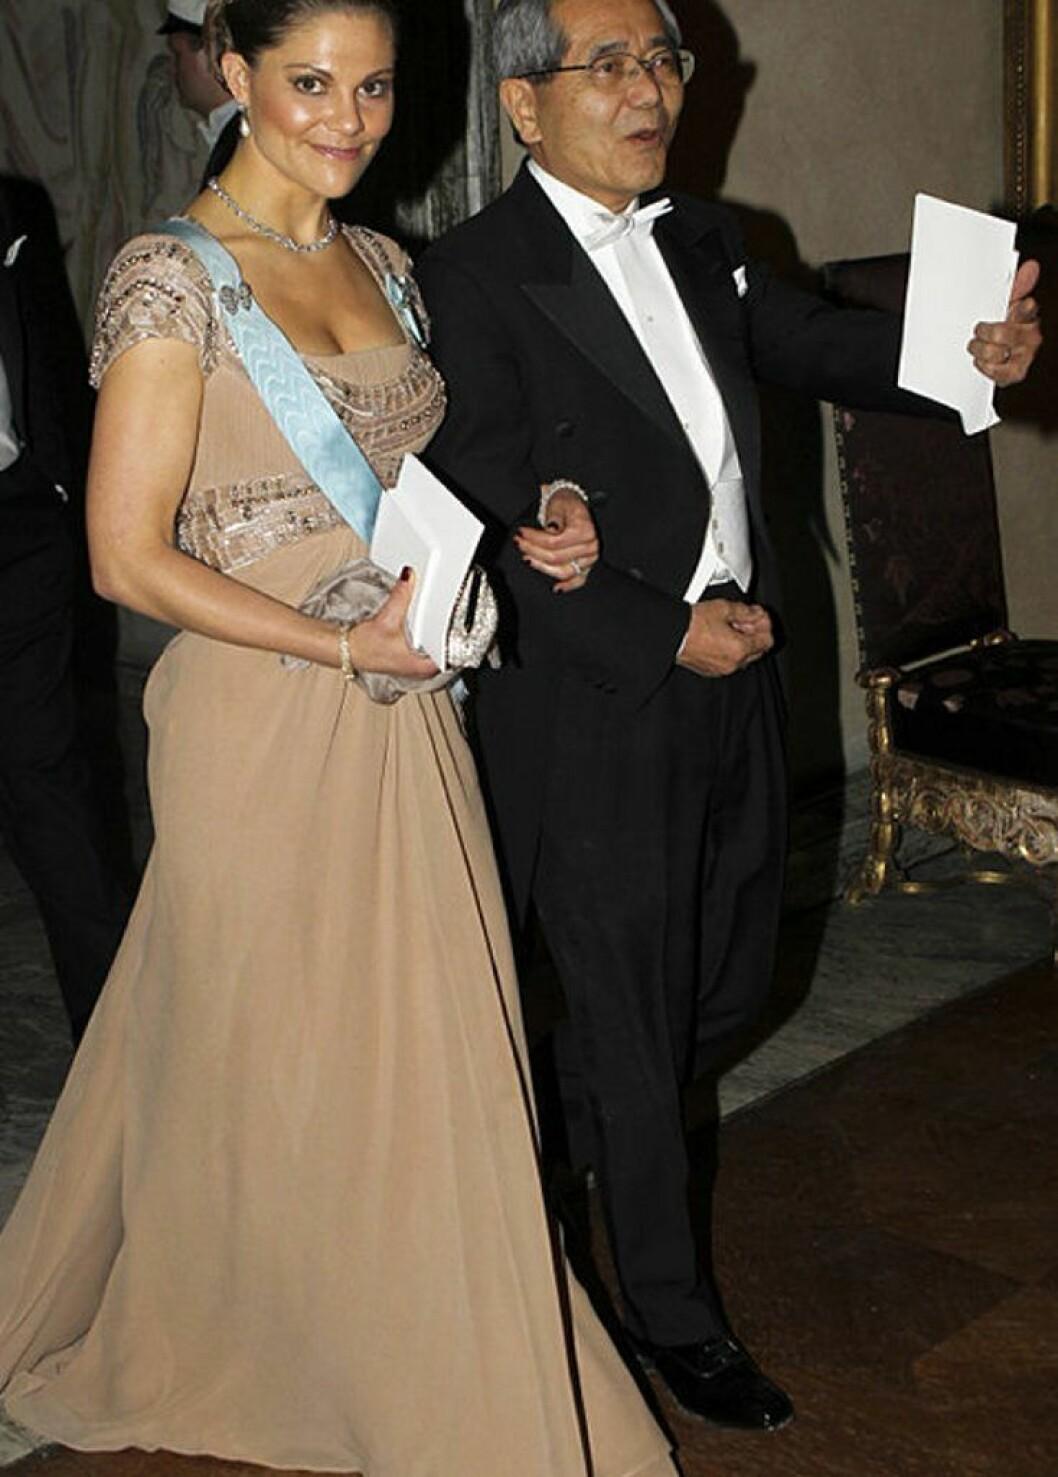 Kronprinsessan Victoria i en beige klänning av Elie Saab.